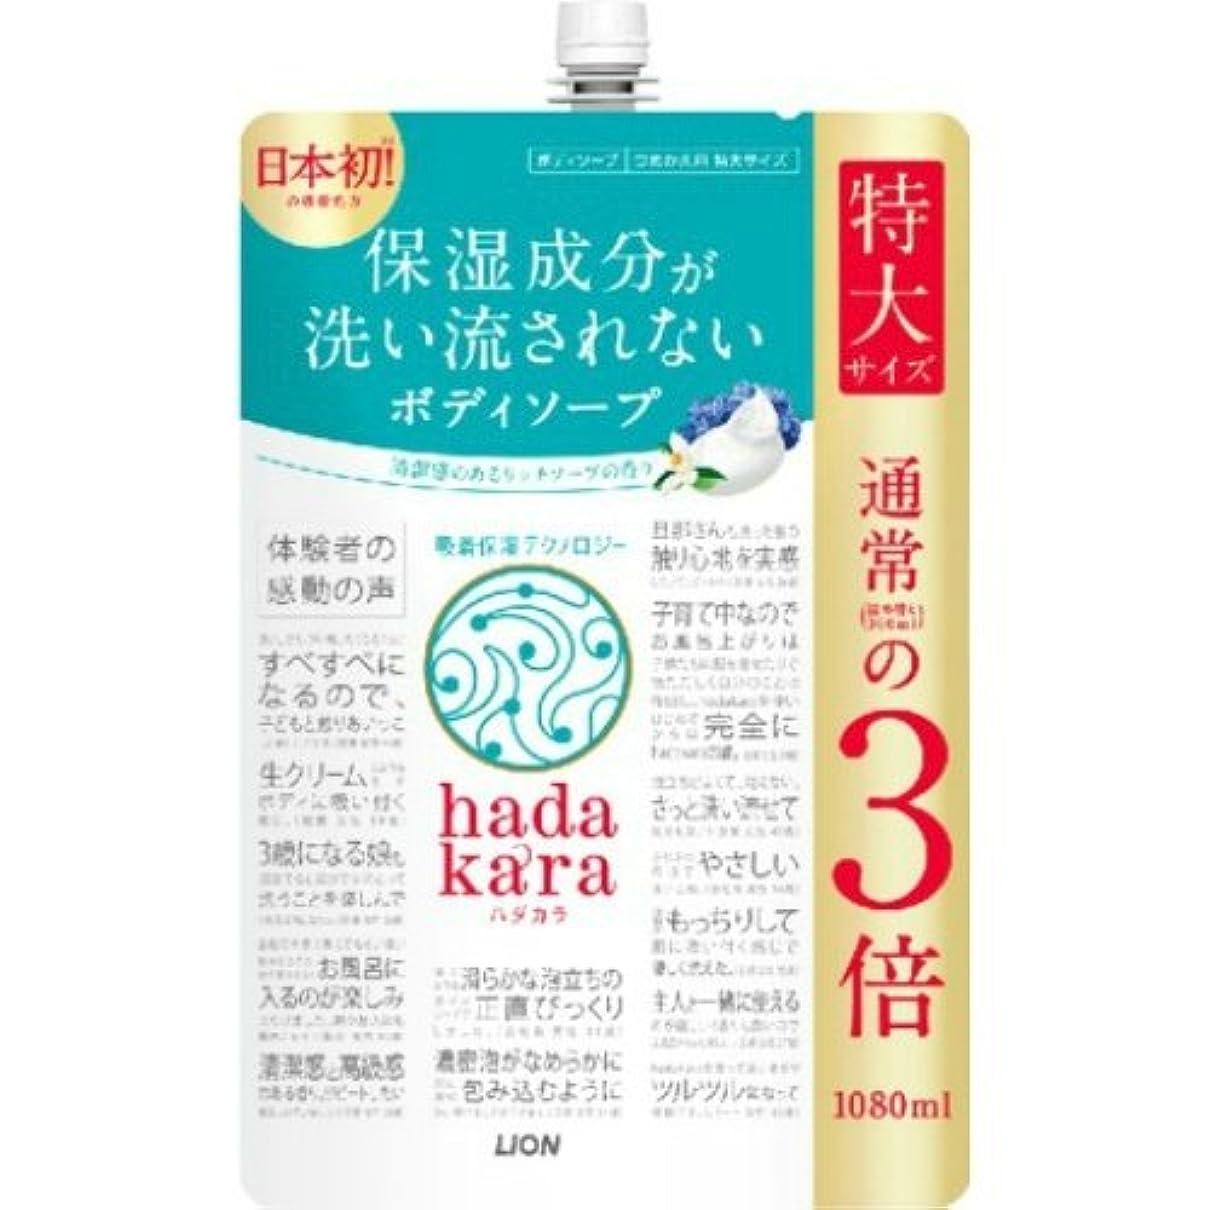 理由スマート発言するLION ライオン hadakara ハダカラ ボディソープ リッチソープの香り つめかえ用 特大サイズ 1080ml ×3点セット(4903301260882)